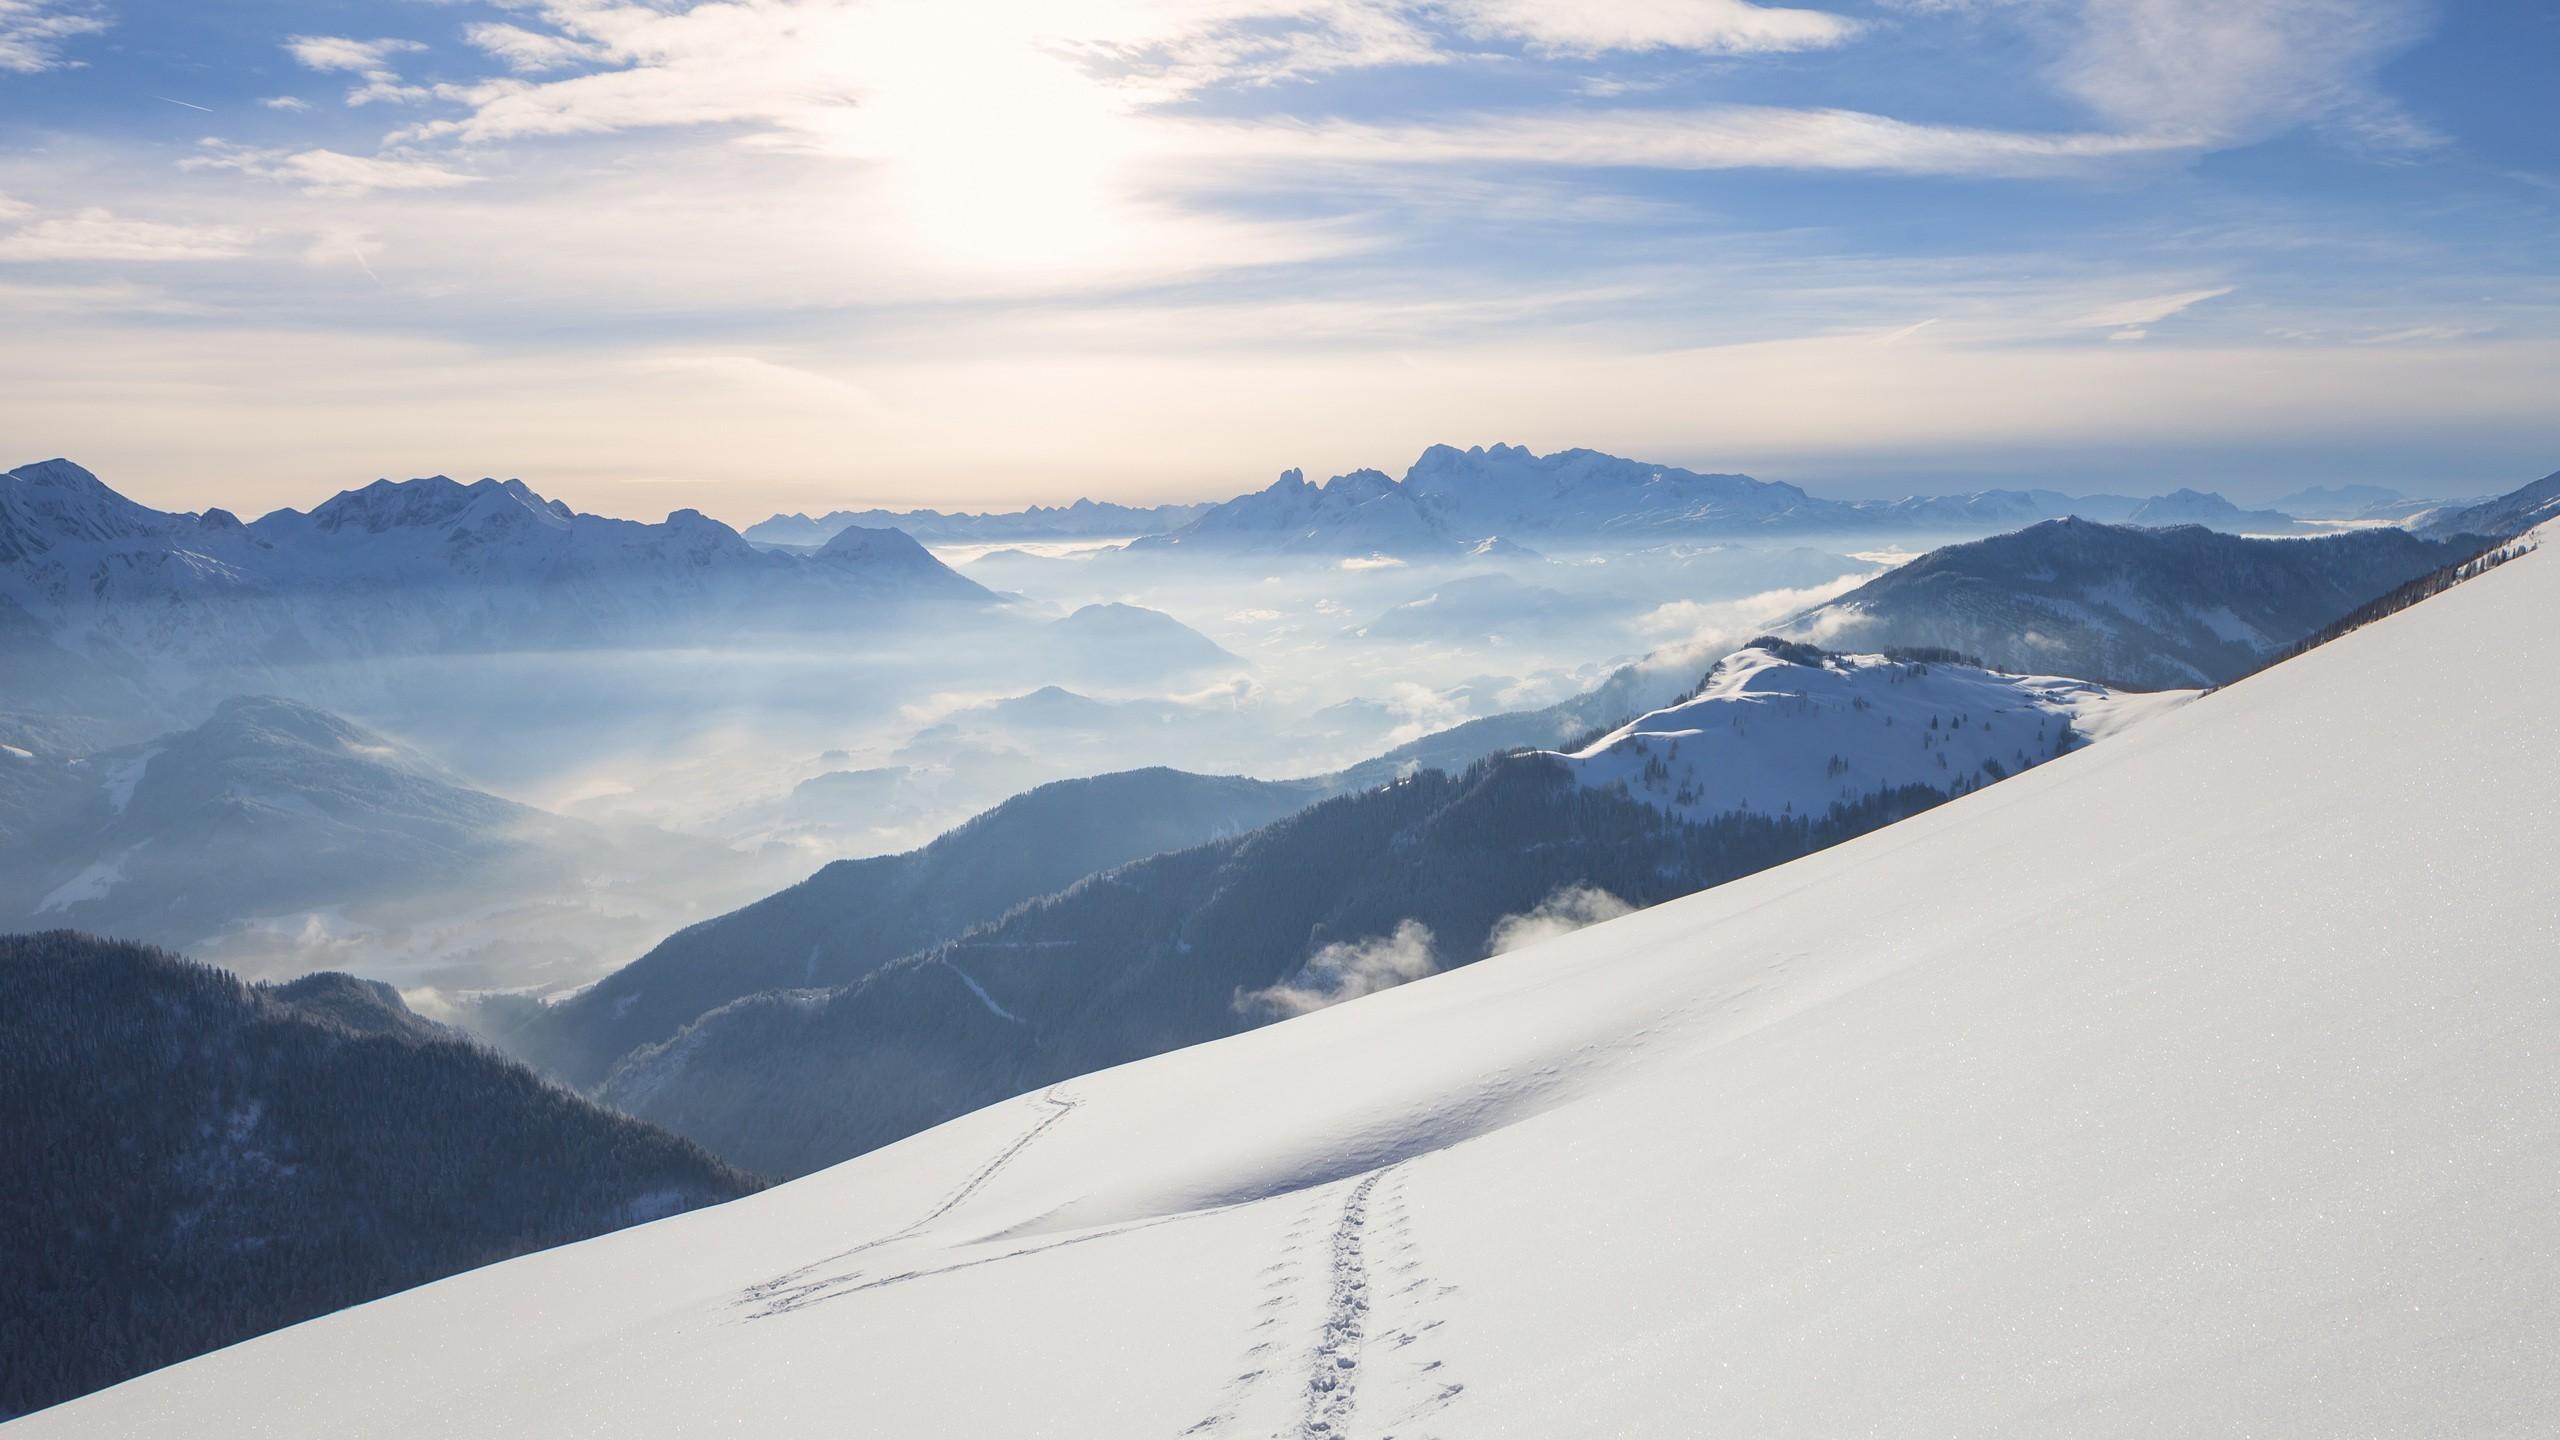 … x 1440 Original. Description: Download Snow Mountains Windows 10 Nature  & Landscape wallpaper …